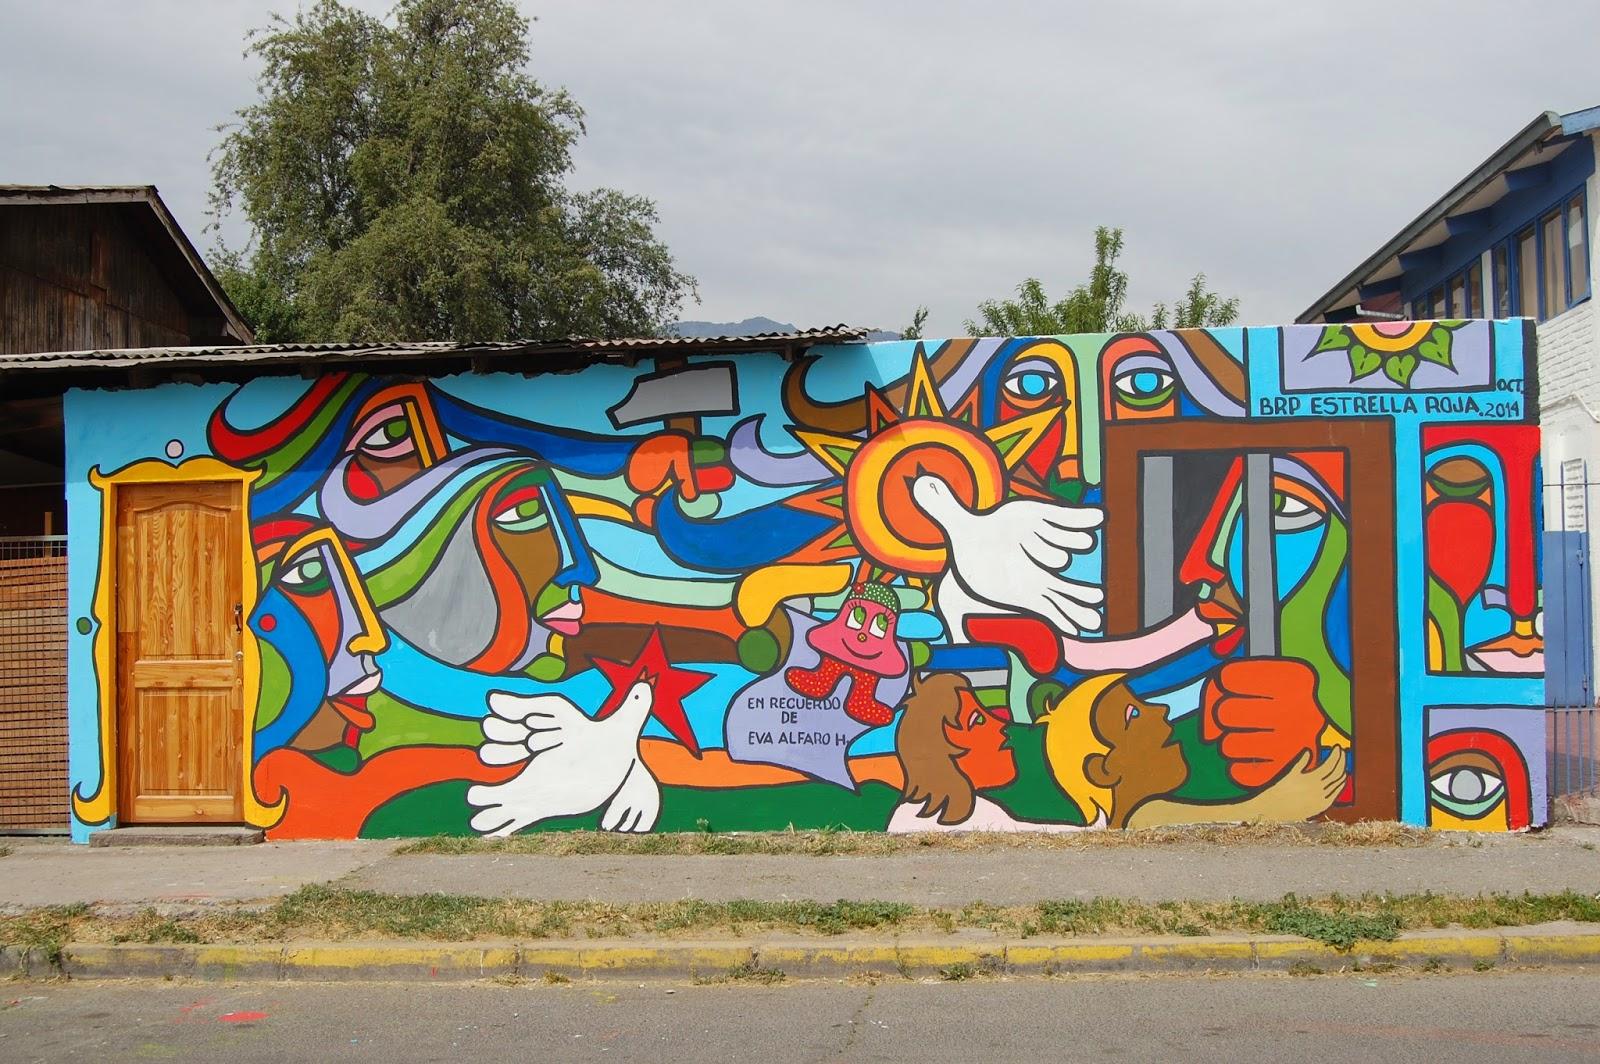 mural con la historia de los soporopos pintada en mi casa si miras con atencin veras a la mama en prisin sus dos hijos visitndola ella estirando la